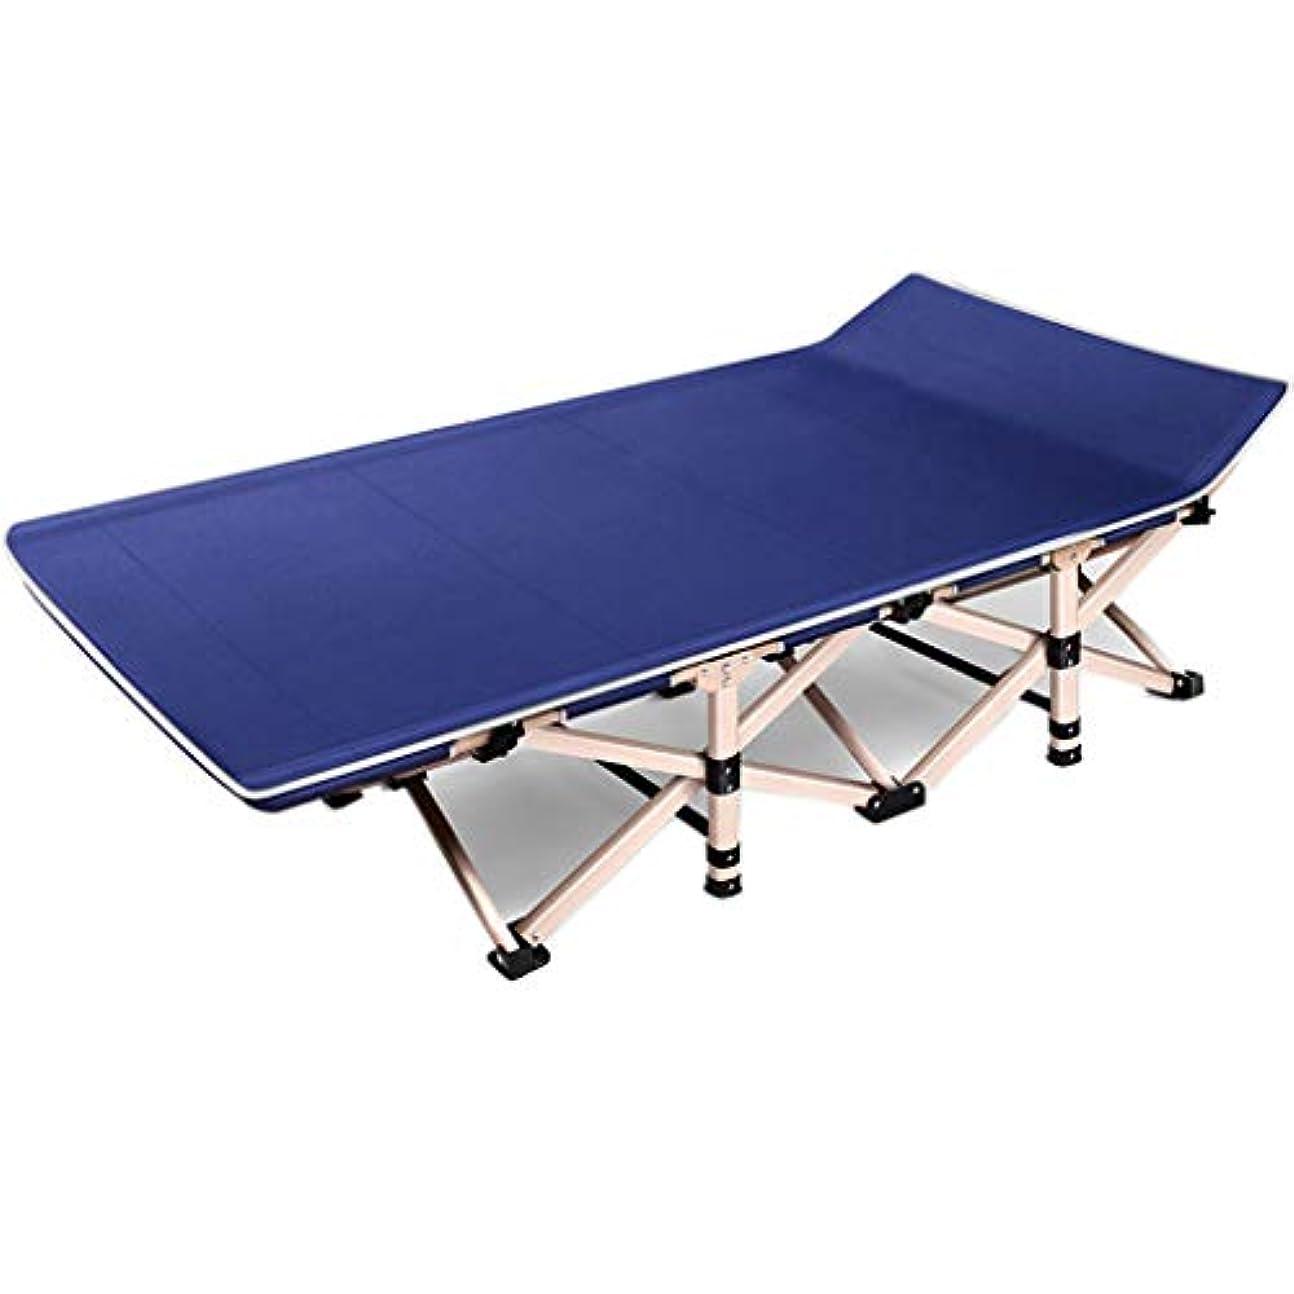 接ぎ木リンク魔女折りたたみ式ベッド 折りたたみベッドシングルベッド大人用ベッドオフィス多機能シンプルリクライニングキャンプベッドビーチ屋外ポータブルキャンプベッド (Color : Blue, Size : 190*71*36cm)